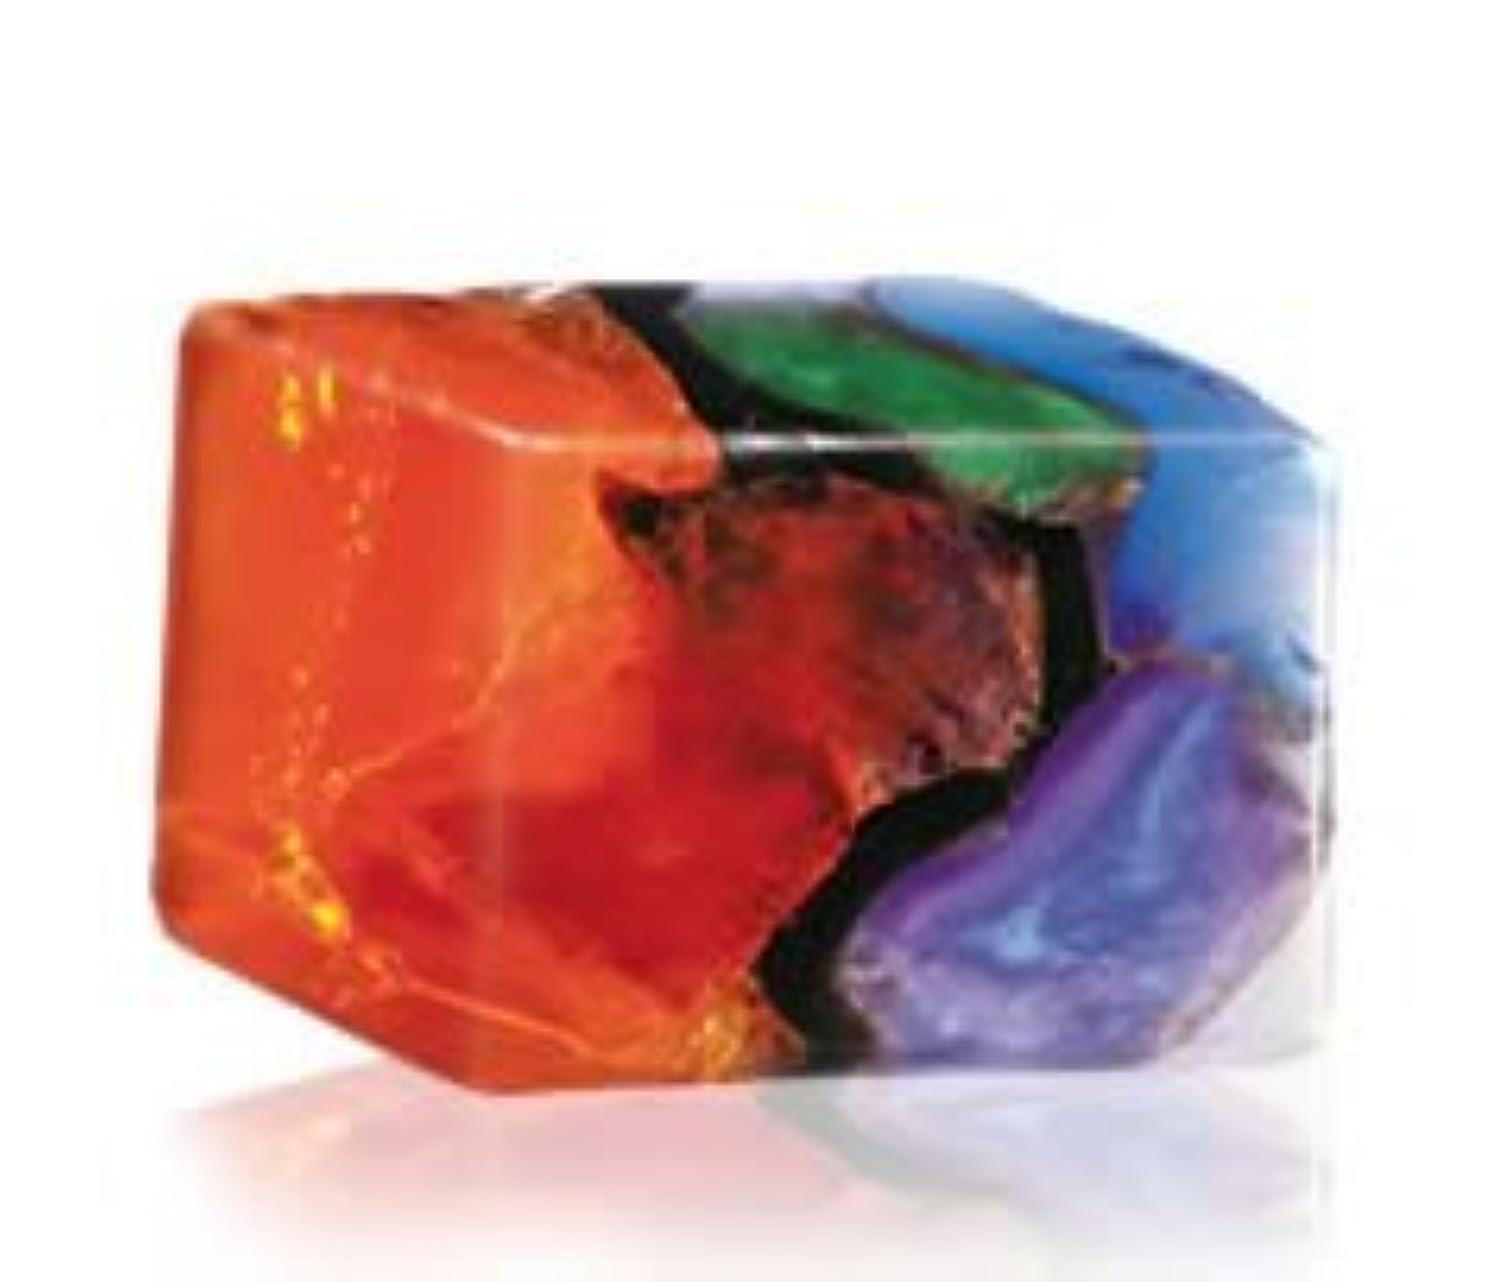 ロック解除論理的火炎Savons Gemme サボンジェム 世界で一番美しい宝石石鹸 フレグランスソープ ファイアオパール 170g【日本総代理店品】